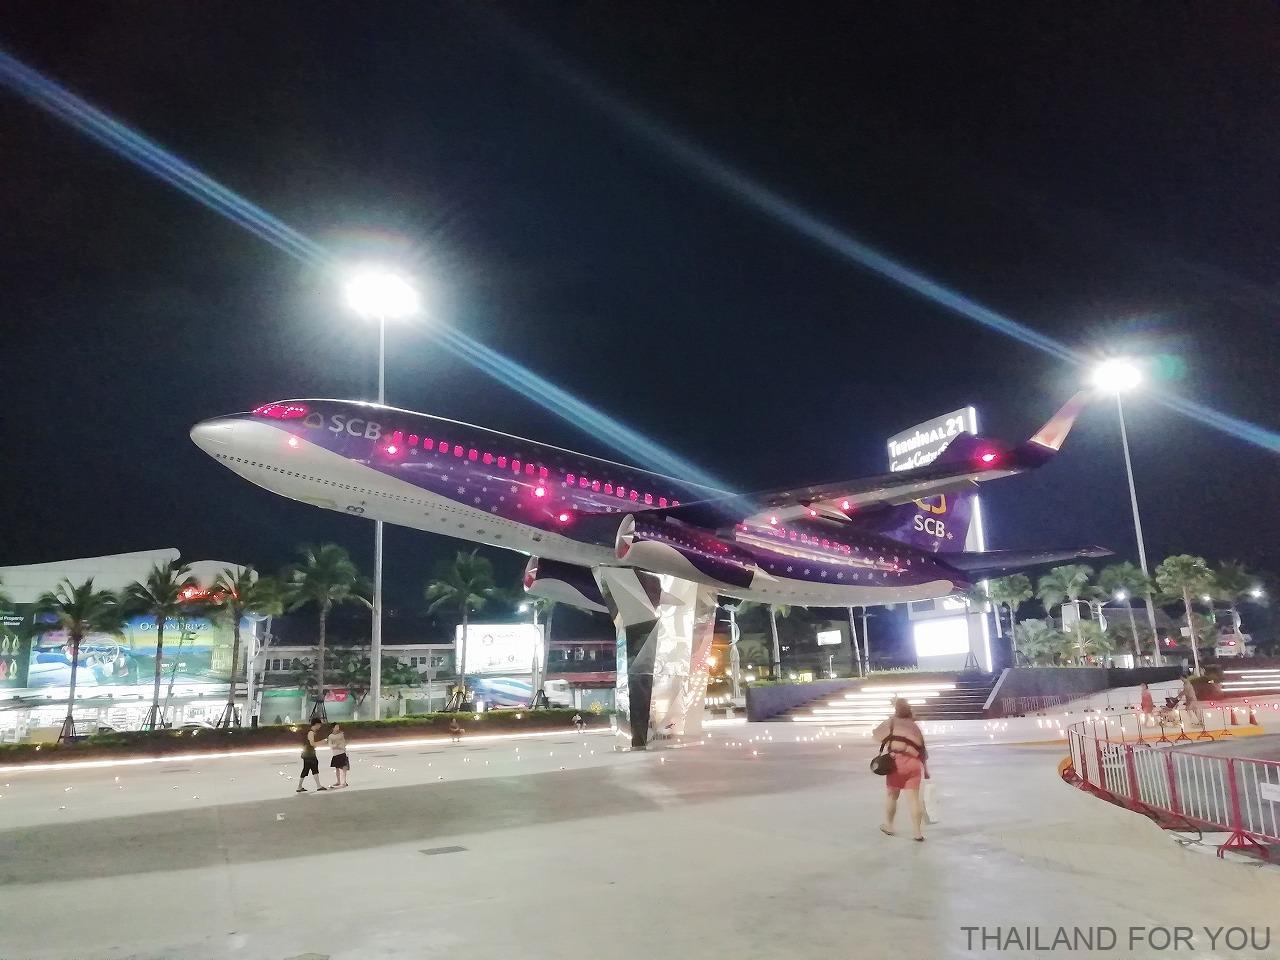 パタヤ ターミナル21 飛行機 ライトアップ